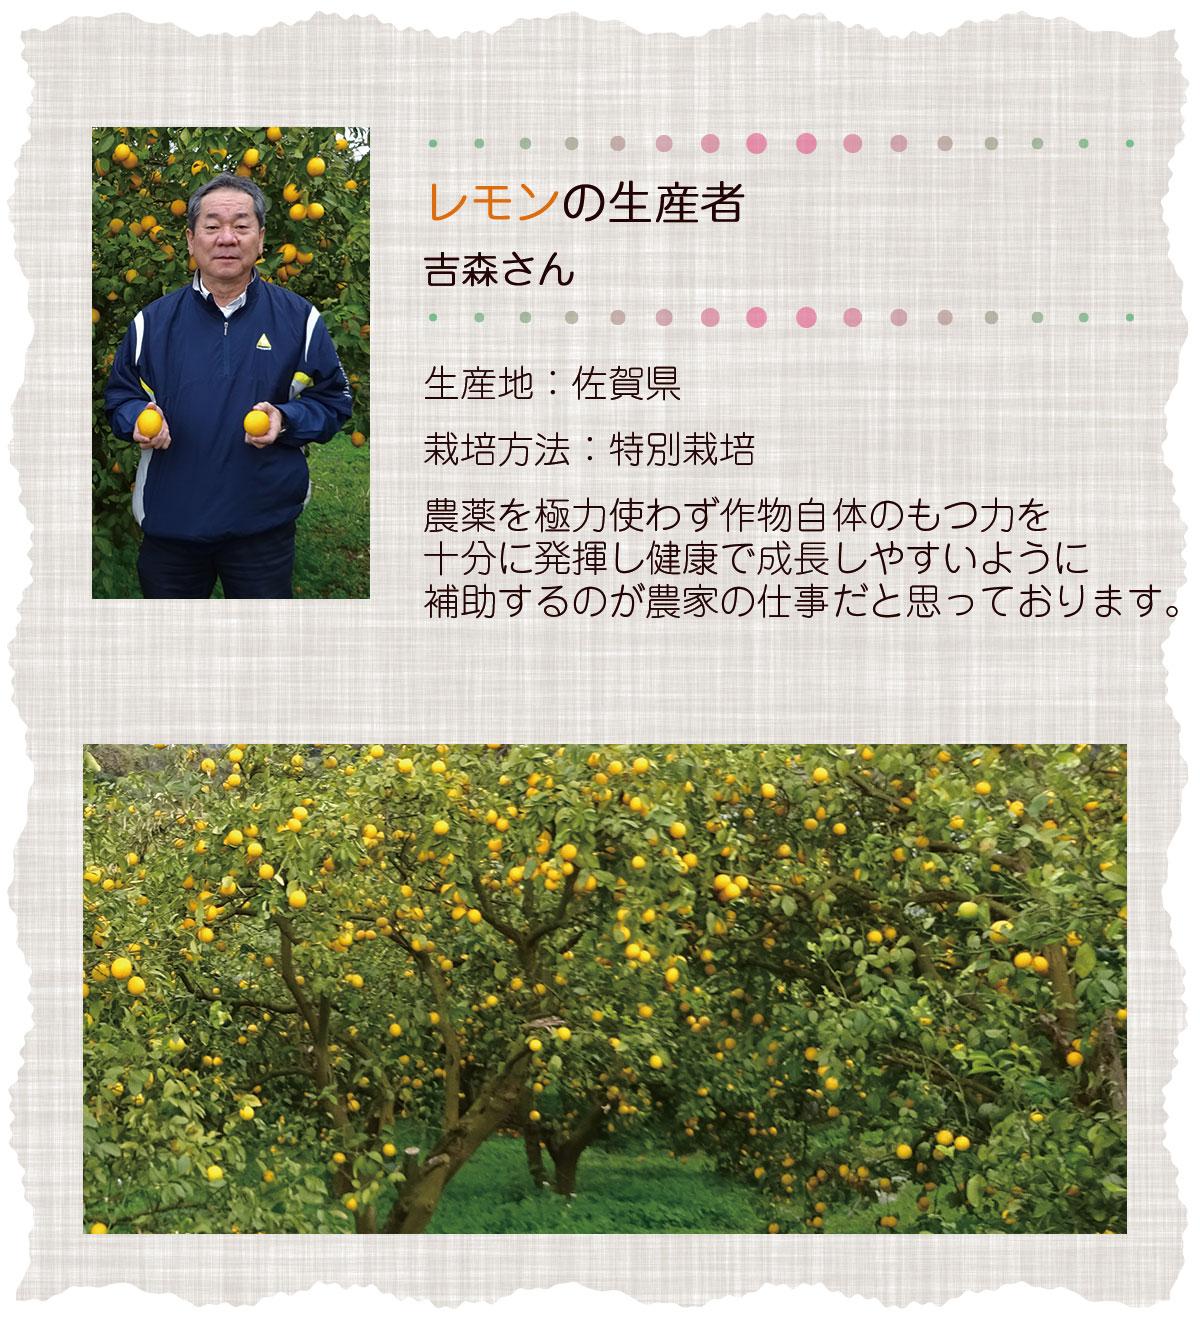 レモンの生産者吉森さん